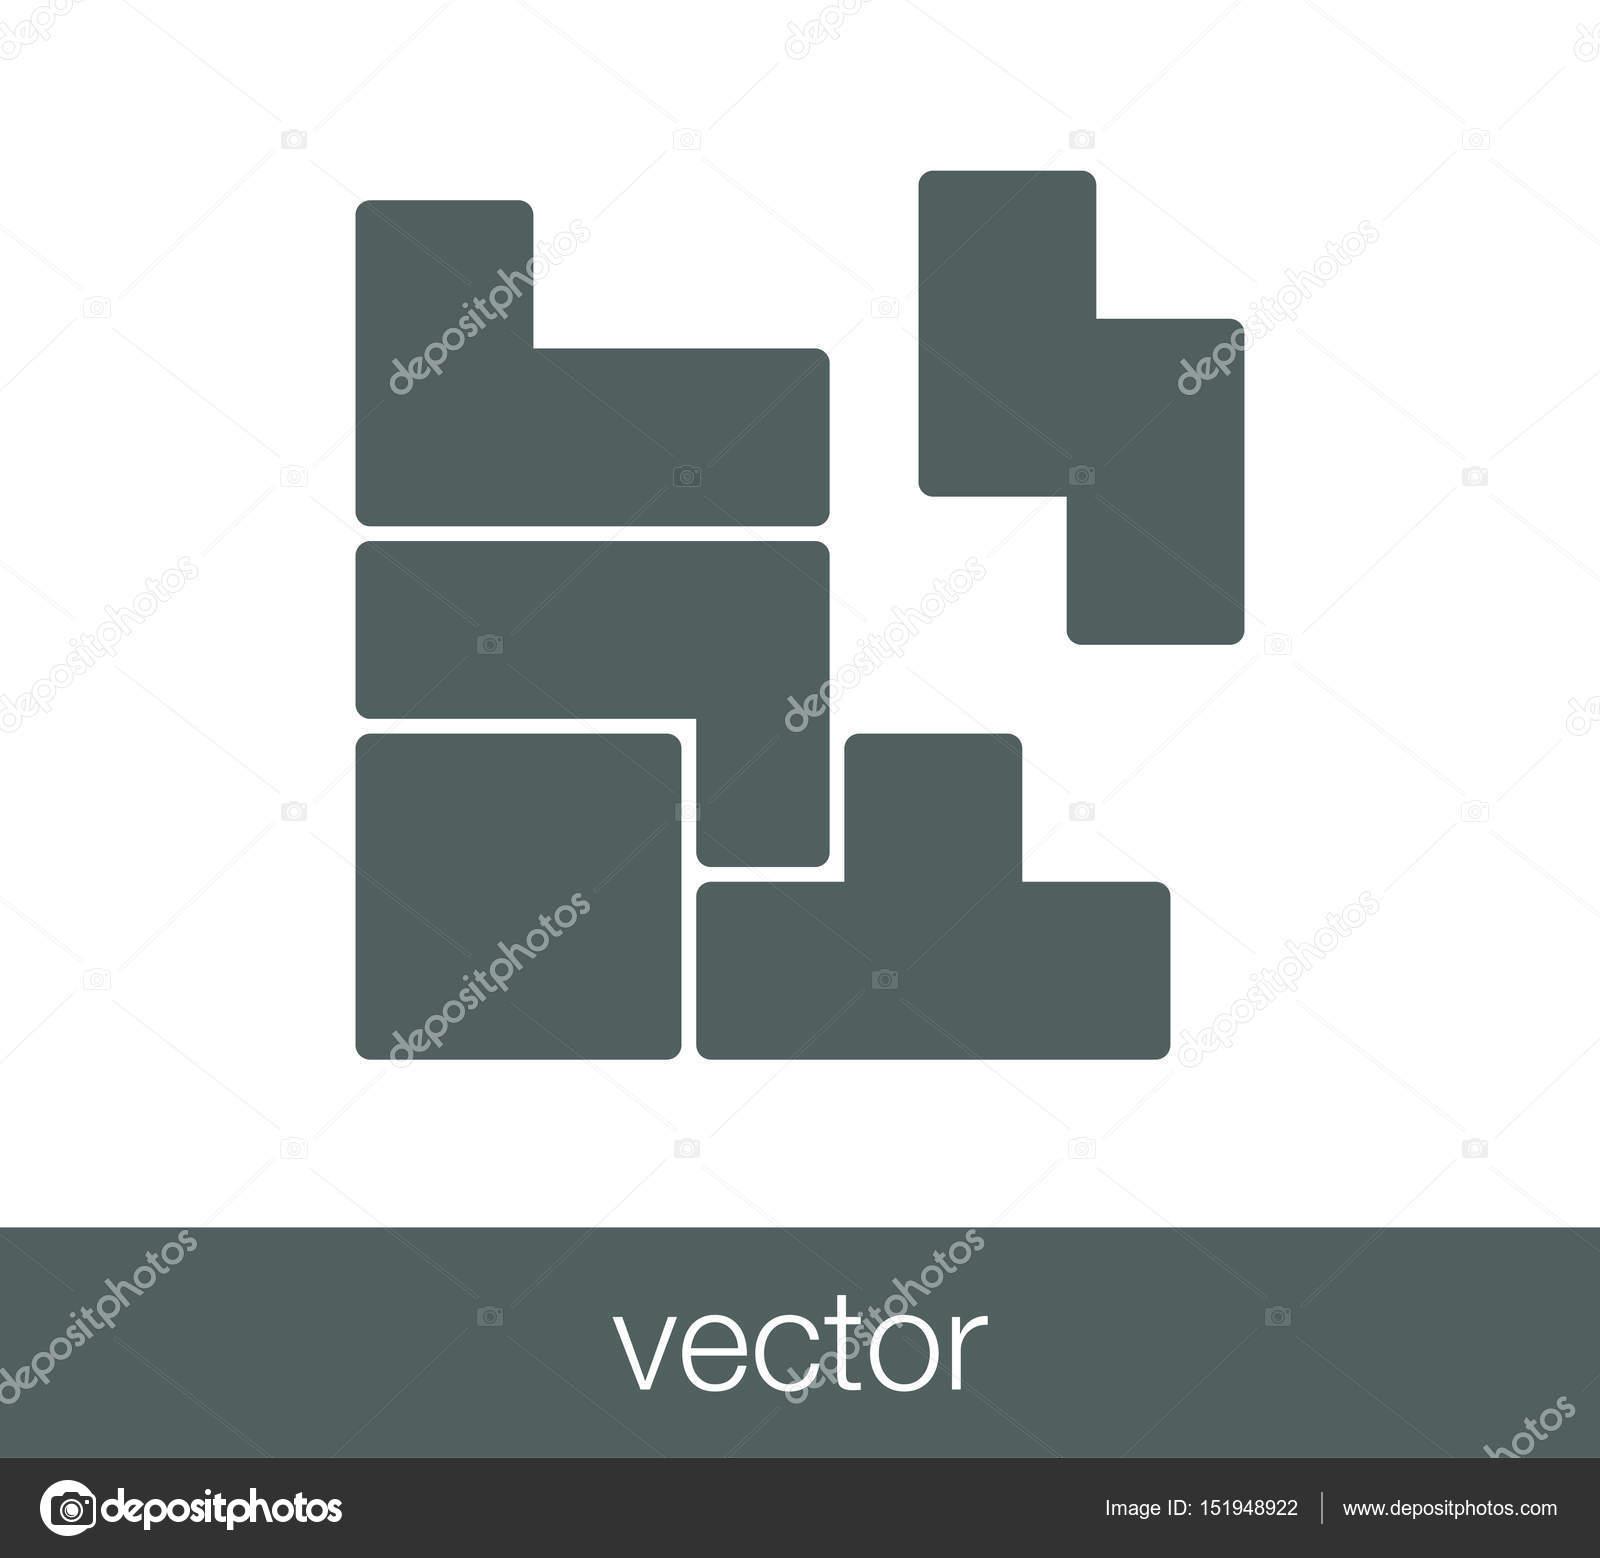 Imagenes Tetris Icono Del Juego Tetris Vector De Stock